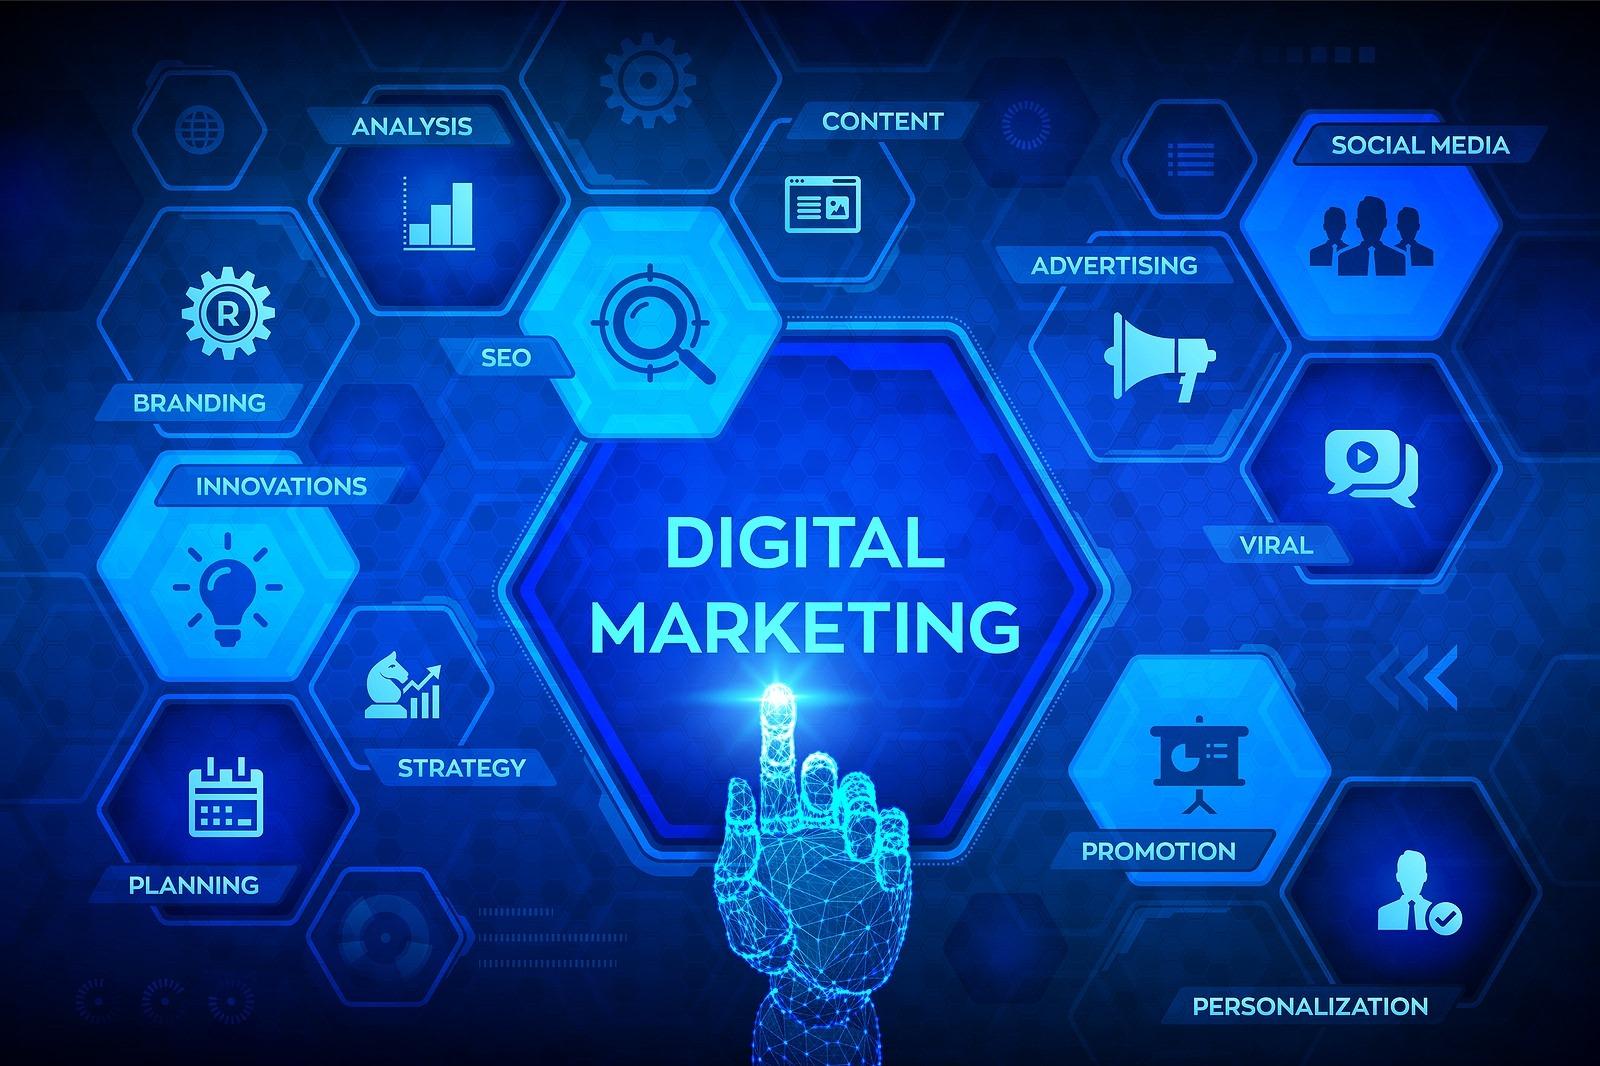 Best Digital Marketing Agency in Newport Beach